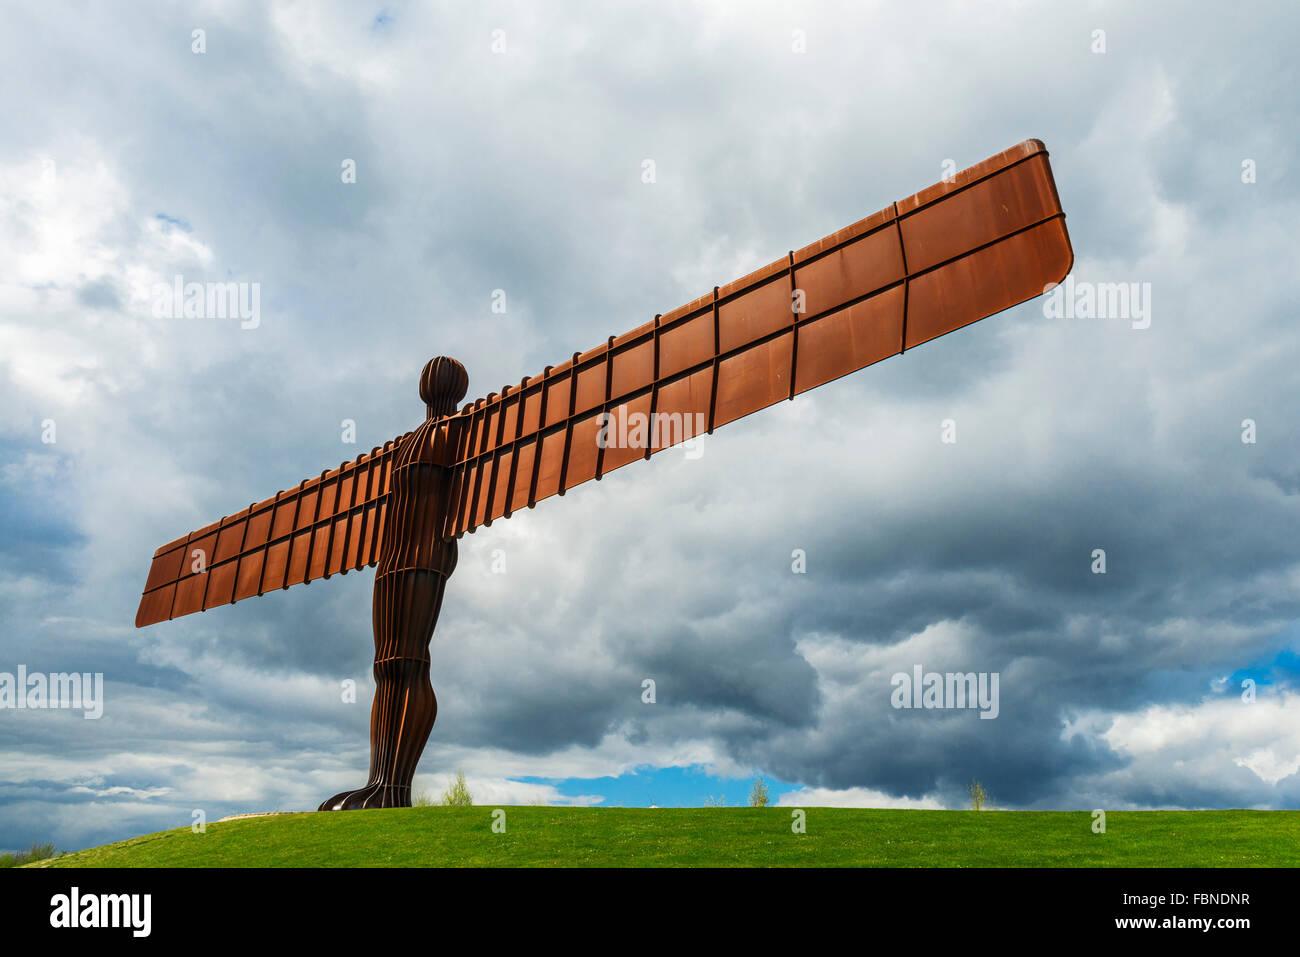 Ange du Nord Anthony Gormley Gateshead de Tyne et Wear North East England UK Europe Photo Stock